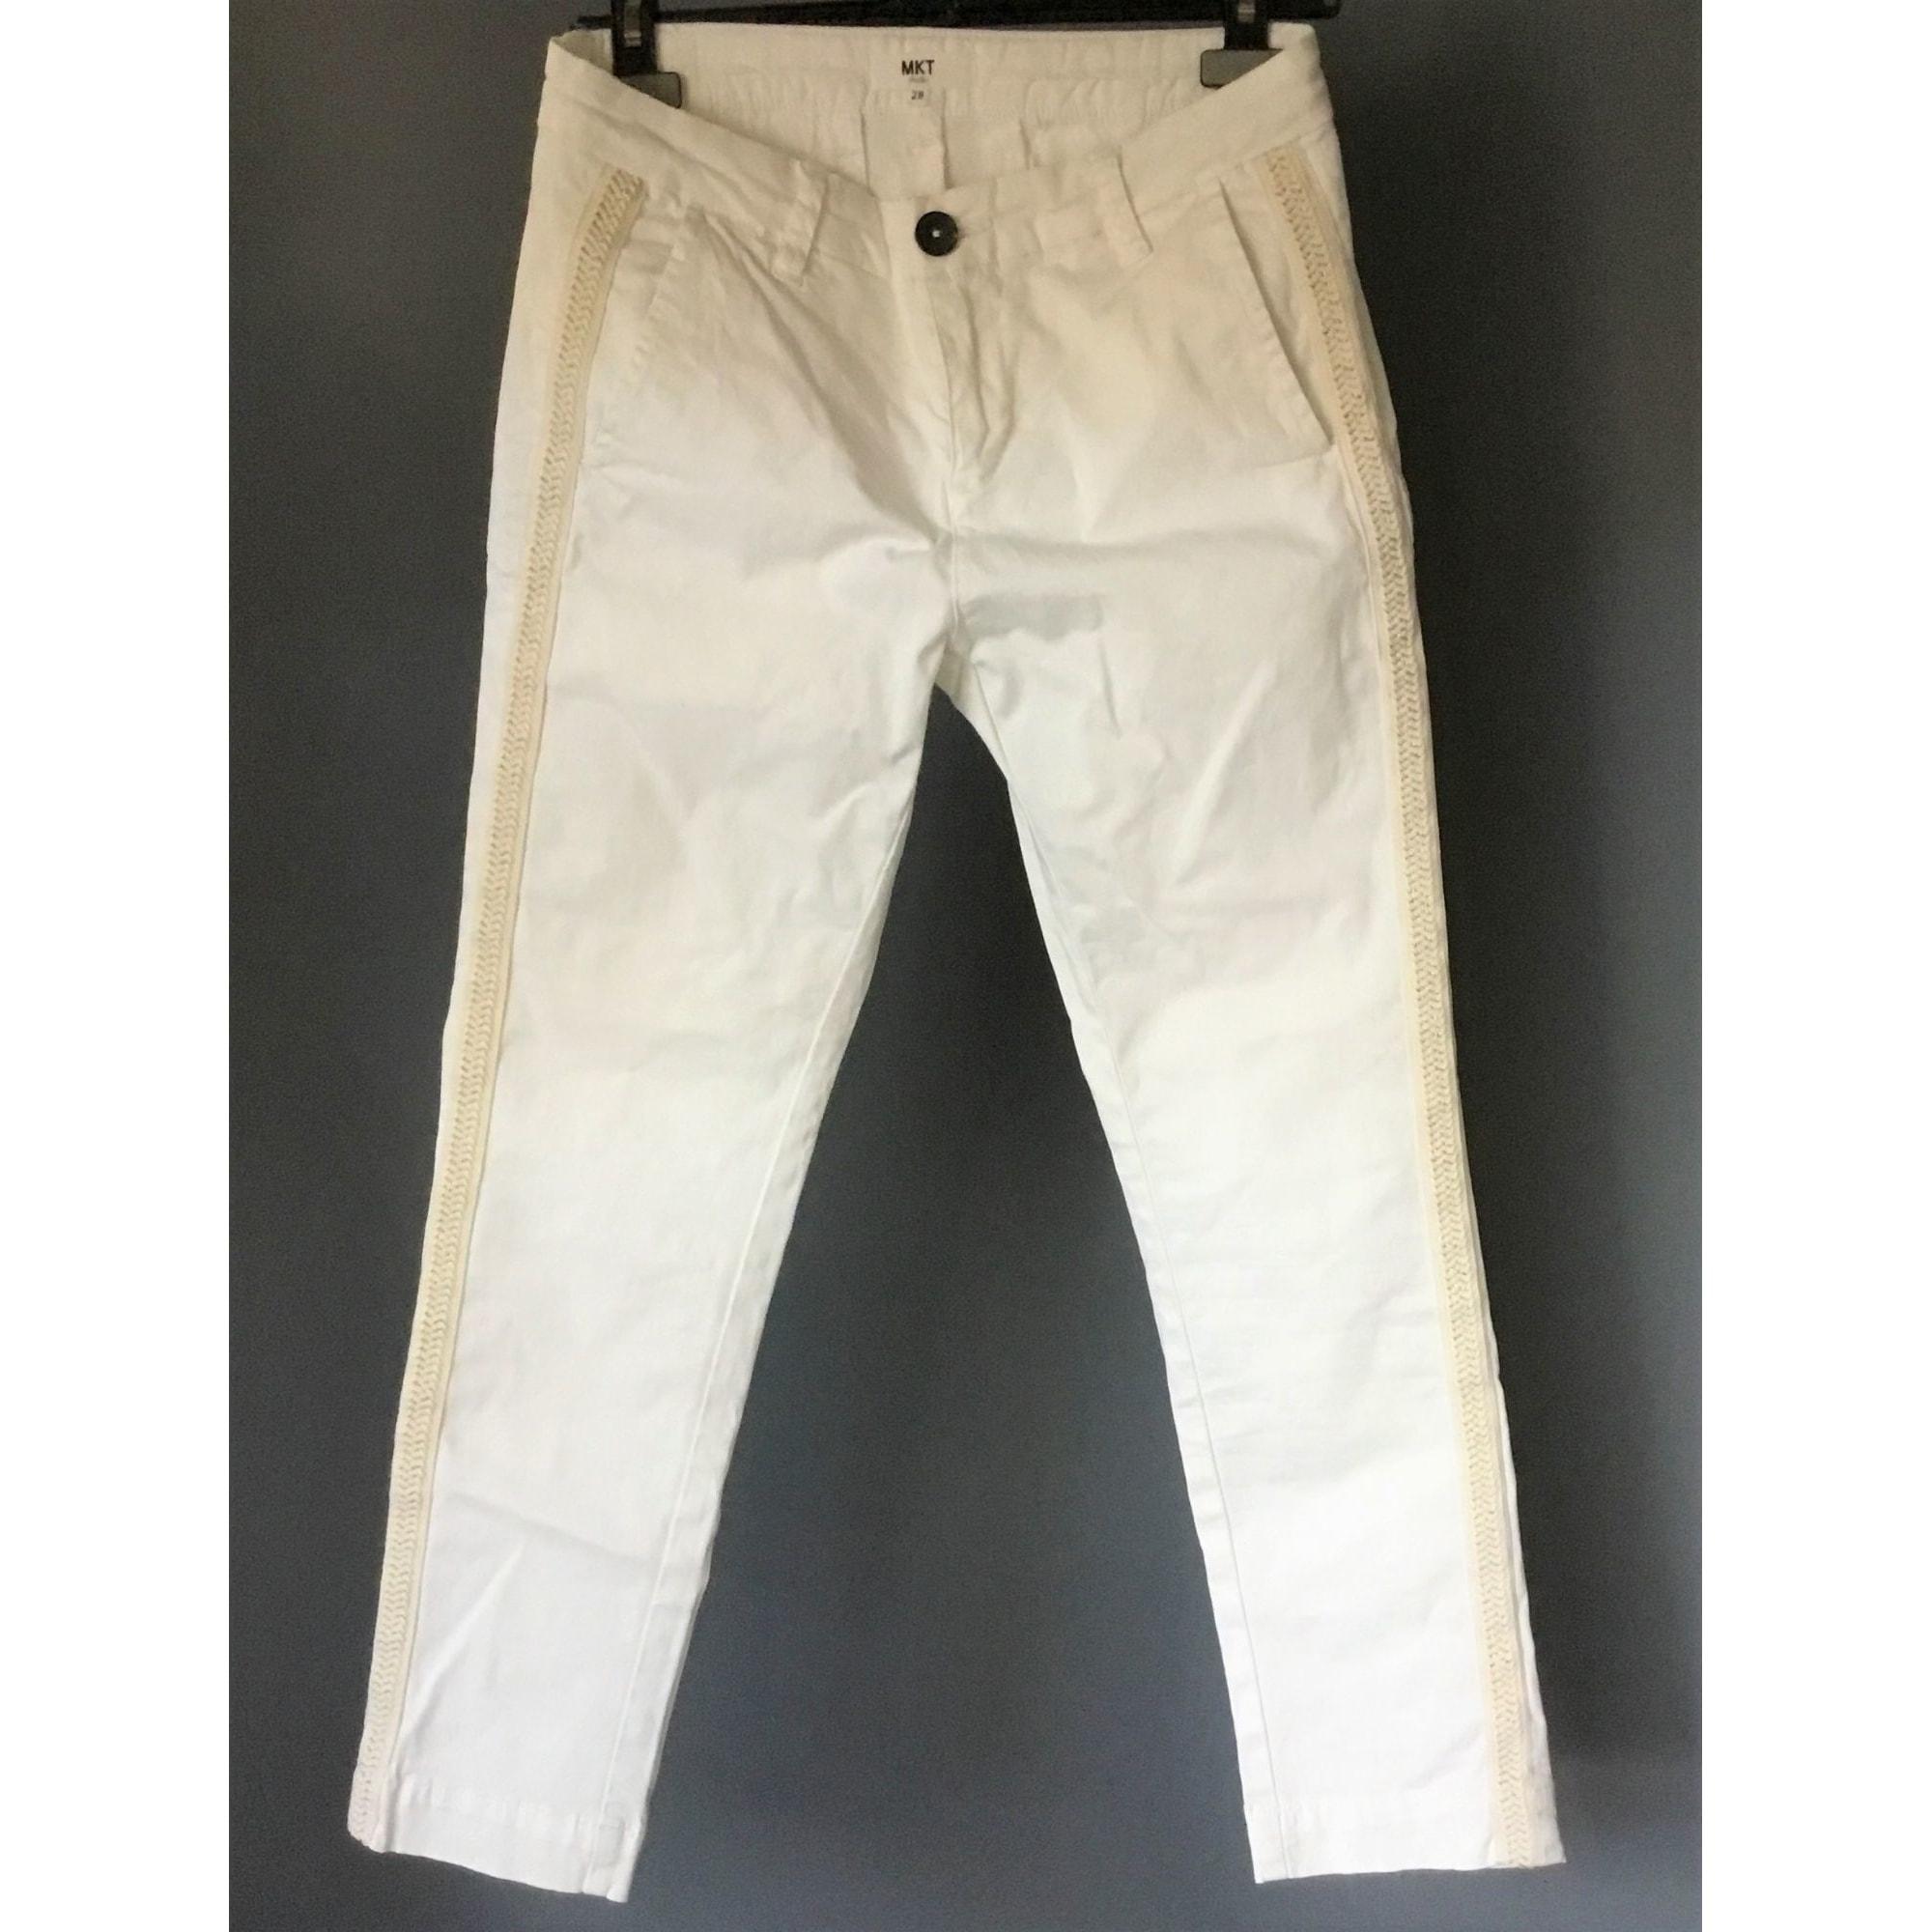 Pantalon slim, cigarette MKT Blanc, blanc cassé, écru